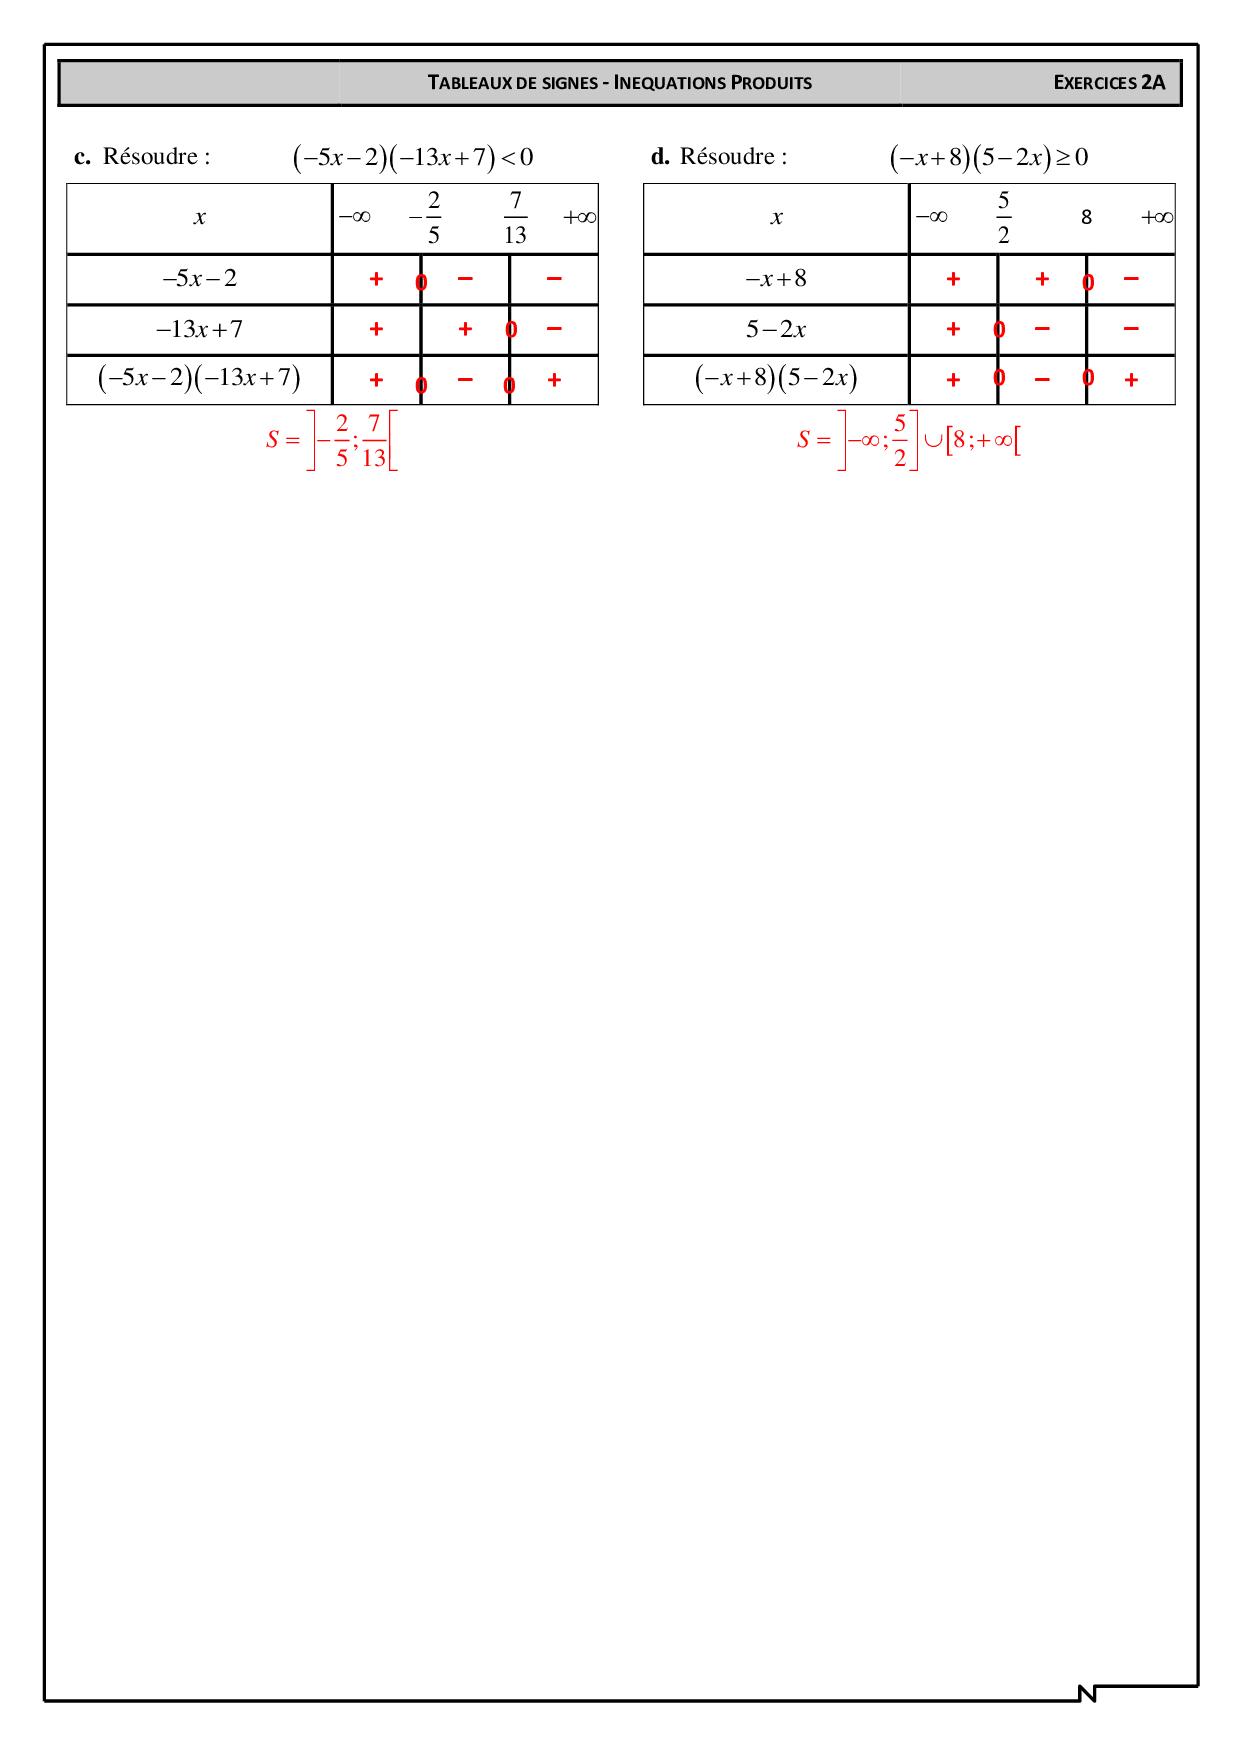 Tableaux De Signes A Interpreter Inequations Produits Corriges D Exercices Alloschool